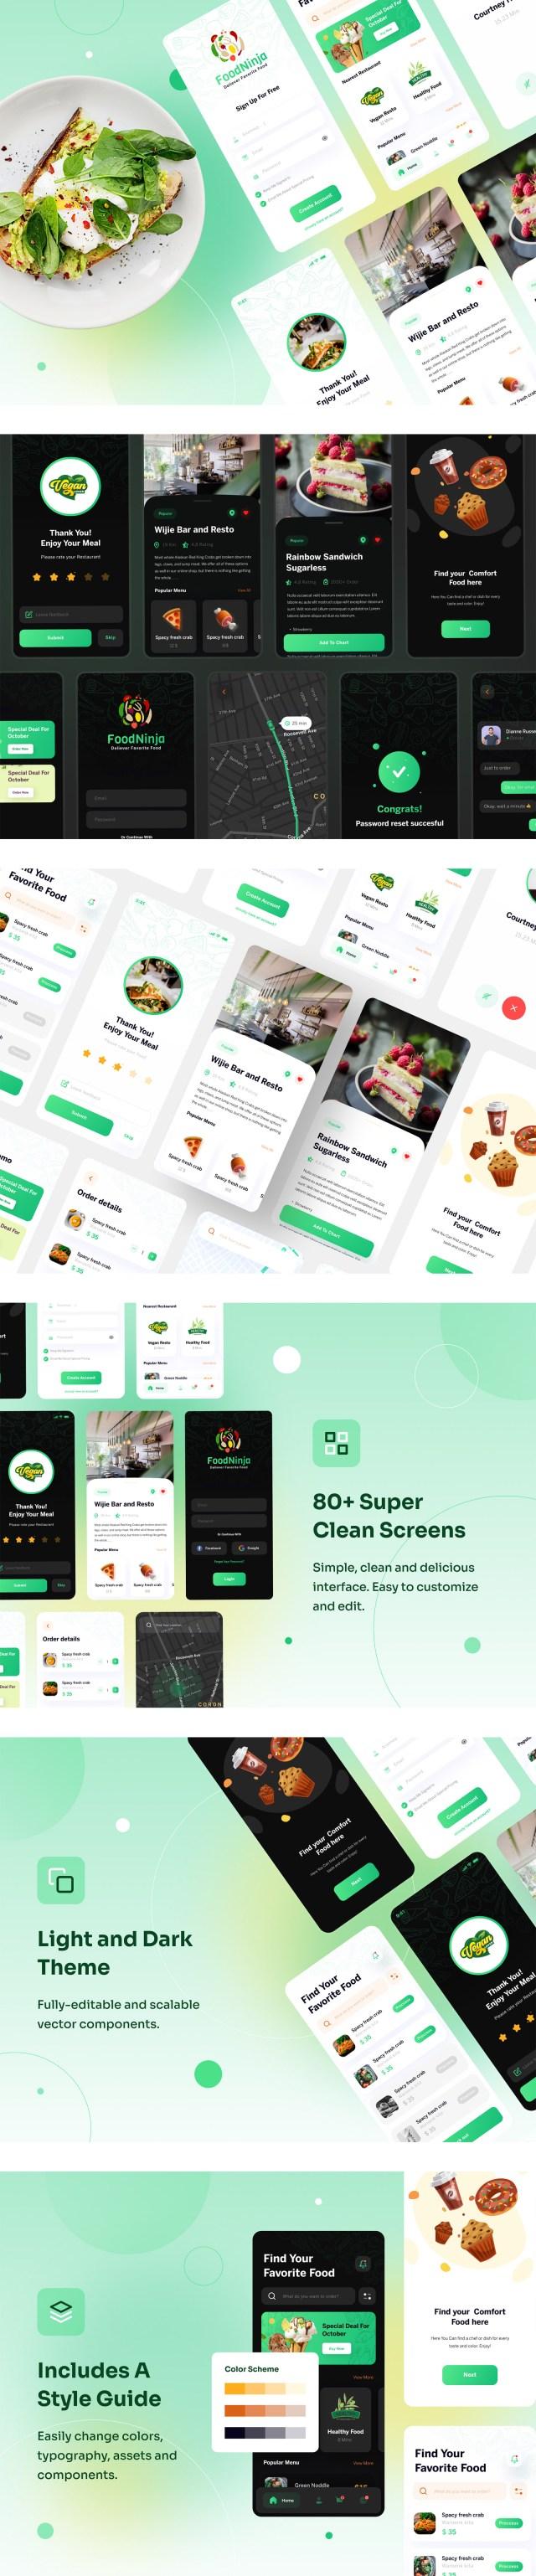 Food Ninja — Food Delivery Free UI Kit